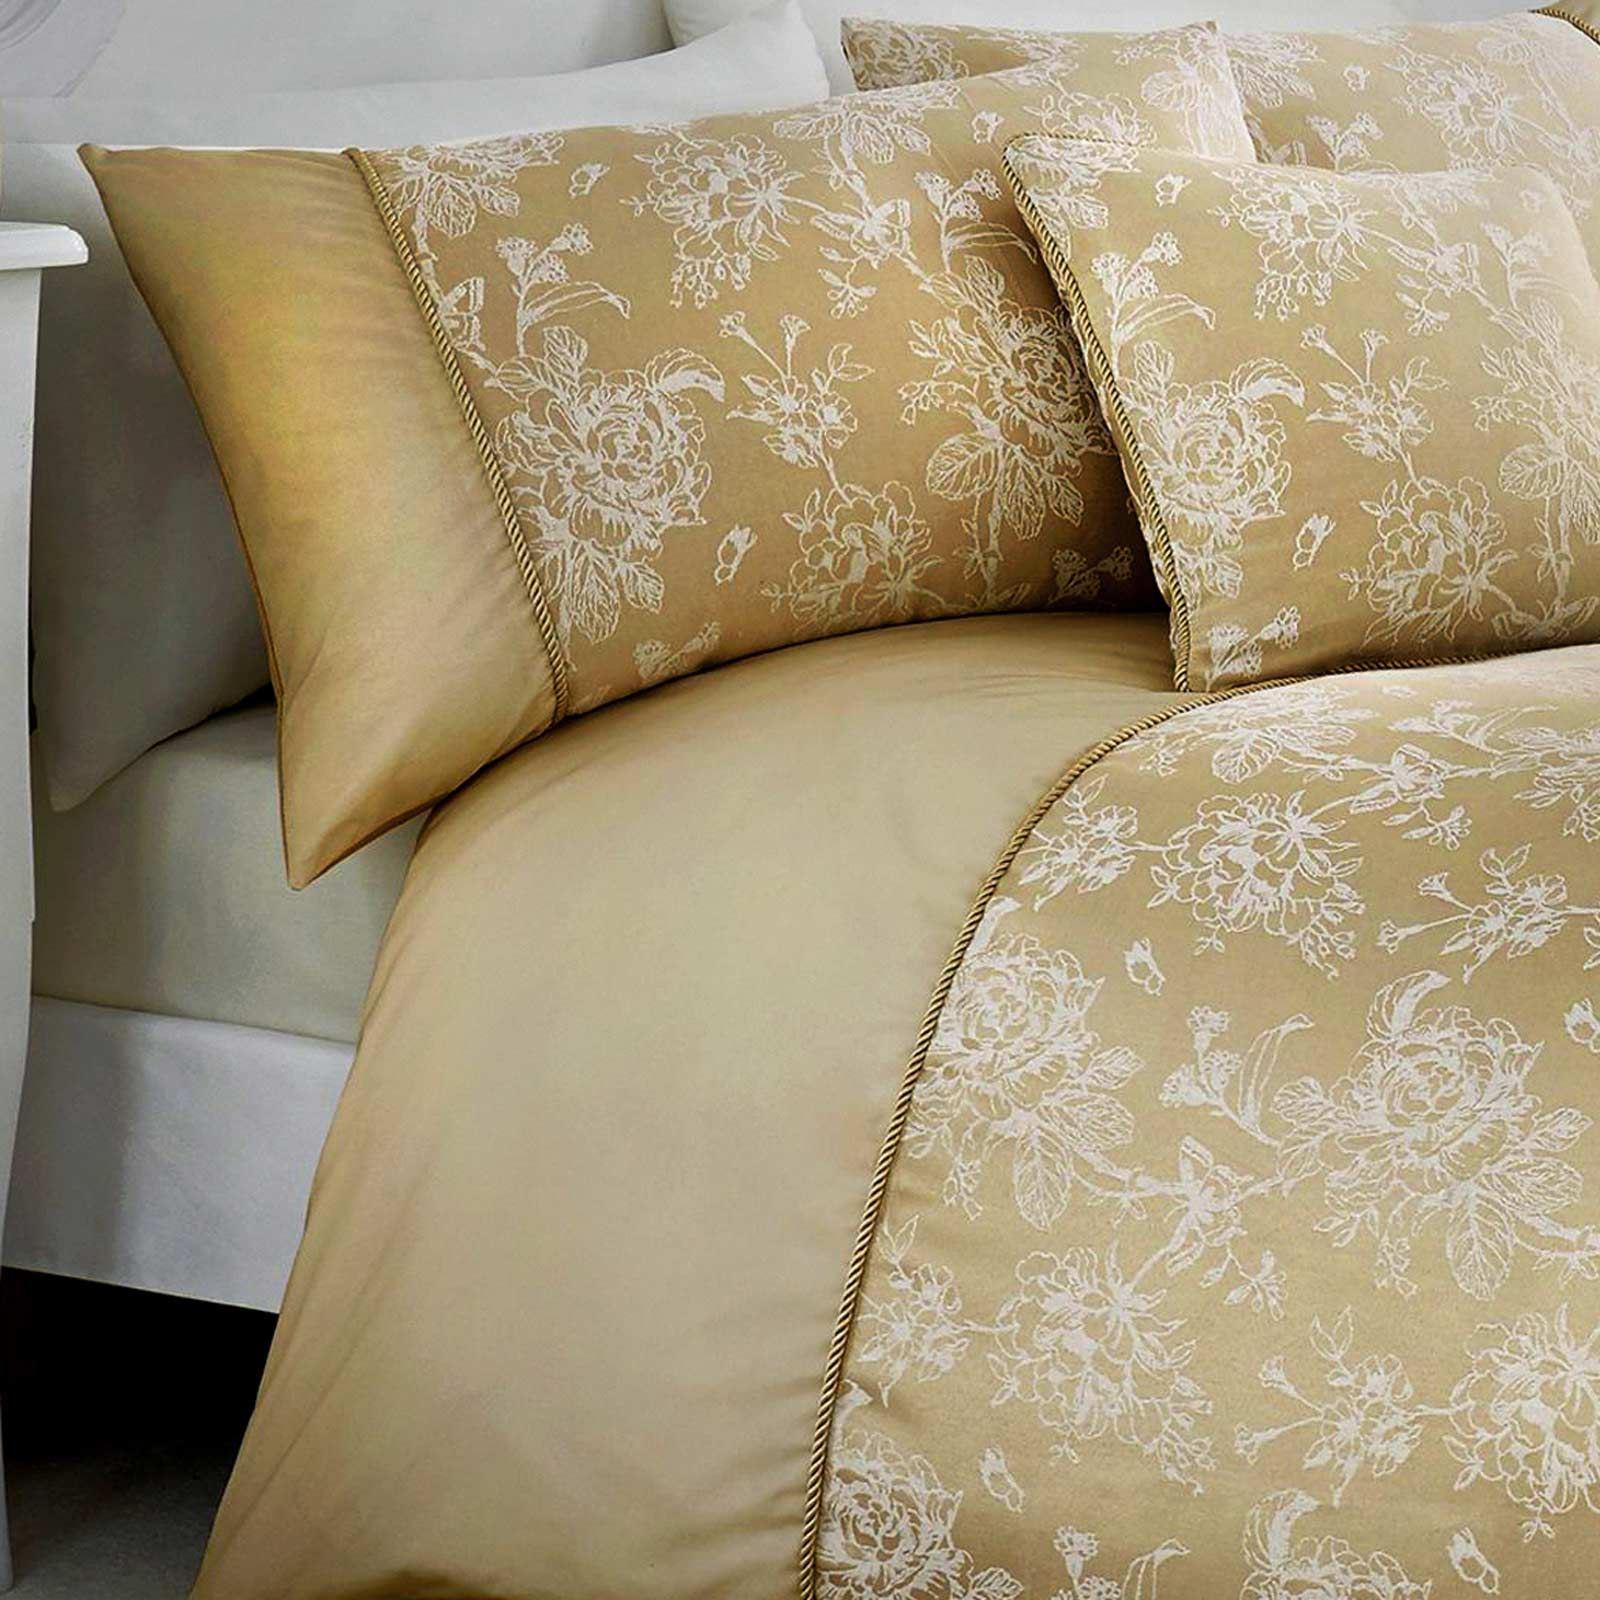 Oro-fundas-nordicas-Jasmine-floral-del-damasco-Edredon-Conjuntos-de-Lujo-Coleccion-de-ropa-de-cama miniatura 13